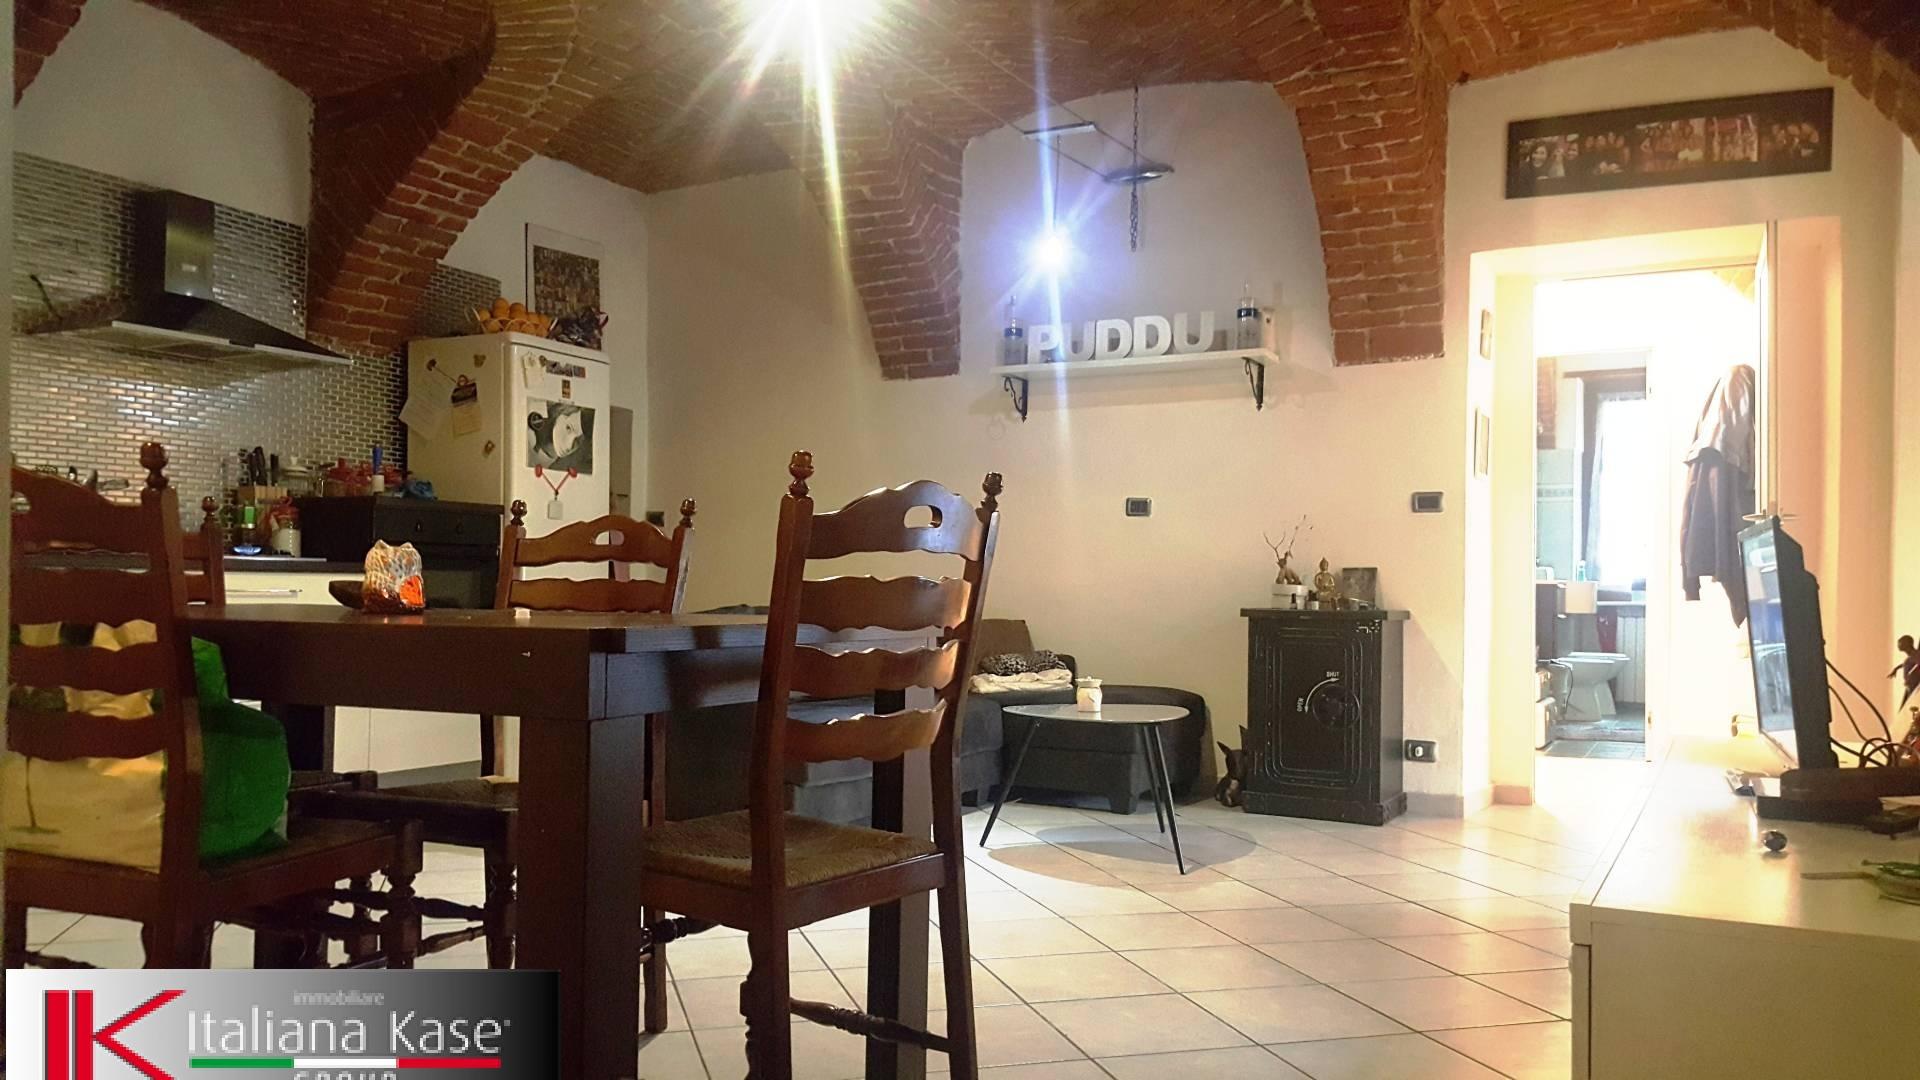 Appartamento in vendita a Castiglione Torinese, 2 locali, zona Località: Centro, prezzo € 99.000 | CambioCasa.it